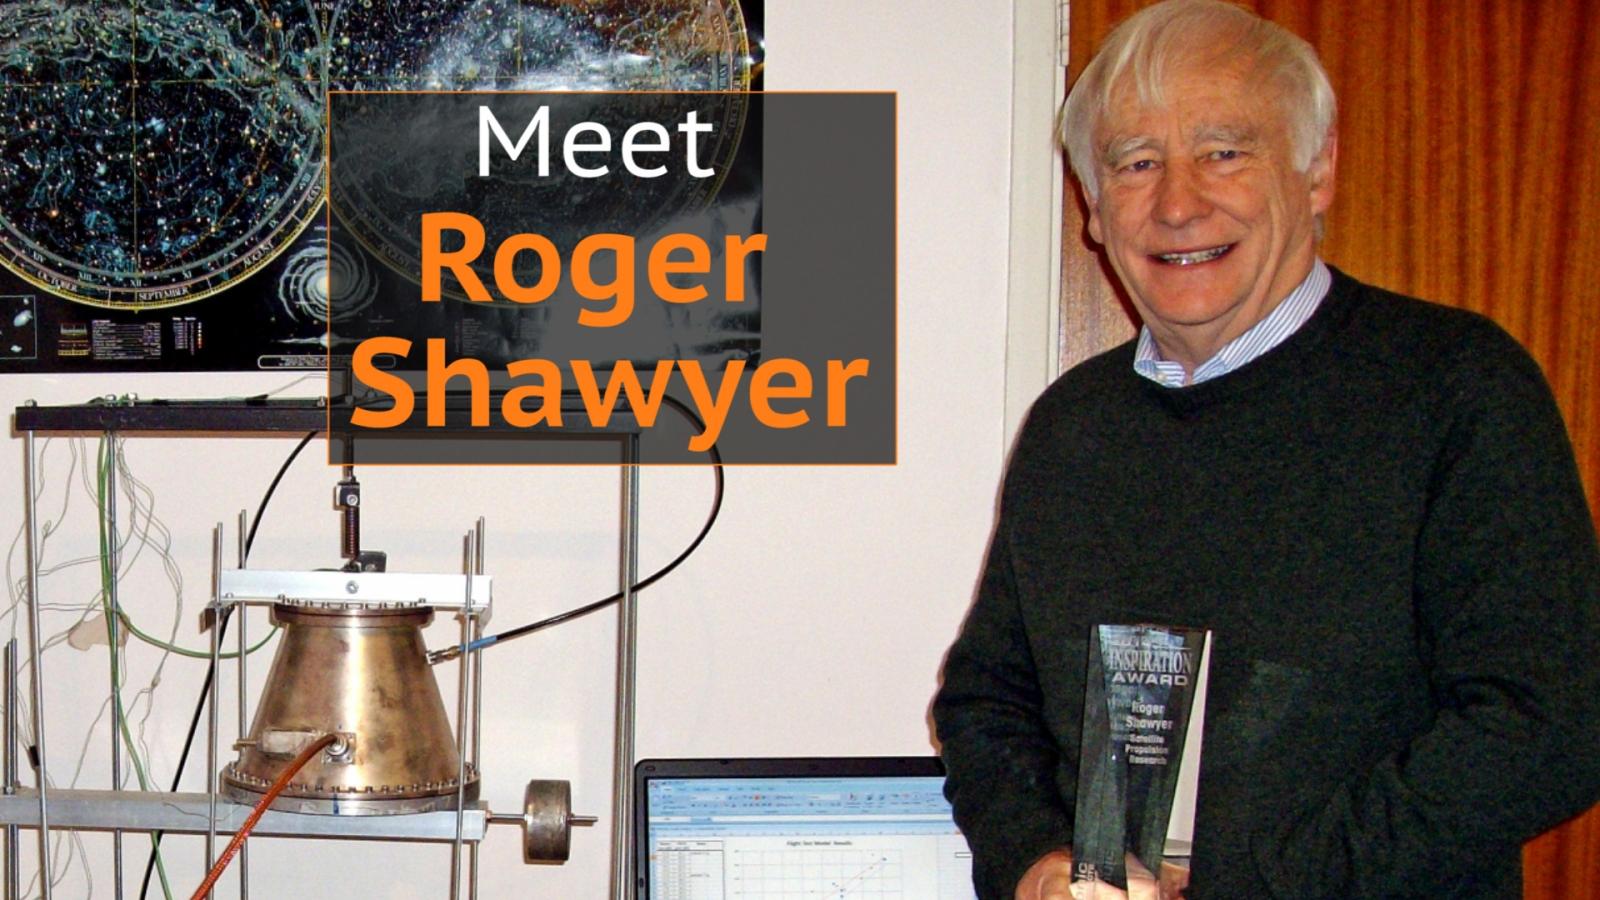 Meet Roger Shawyer